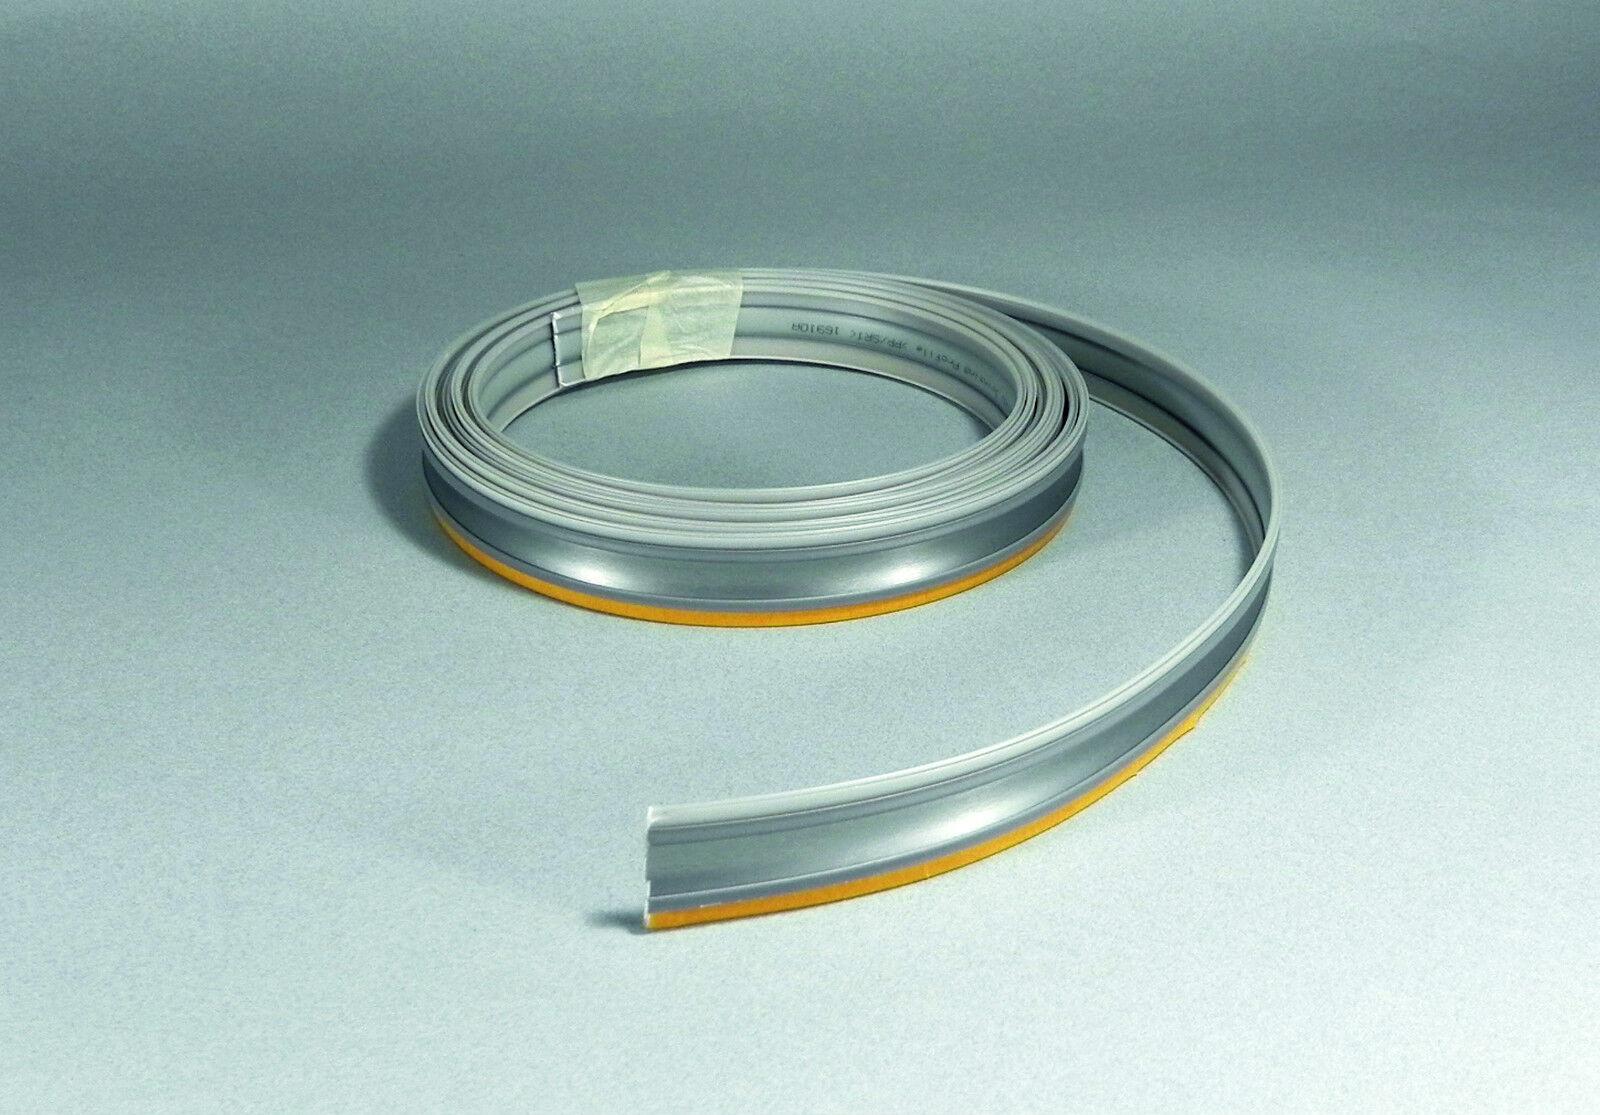 Küchenabschlussleiste Selbstklebend ~ 5m küchenabschlussleiste winkelleiste selbstklebend